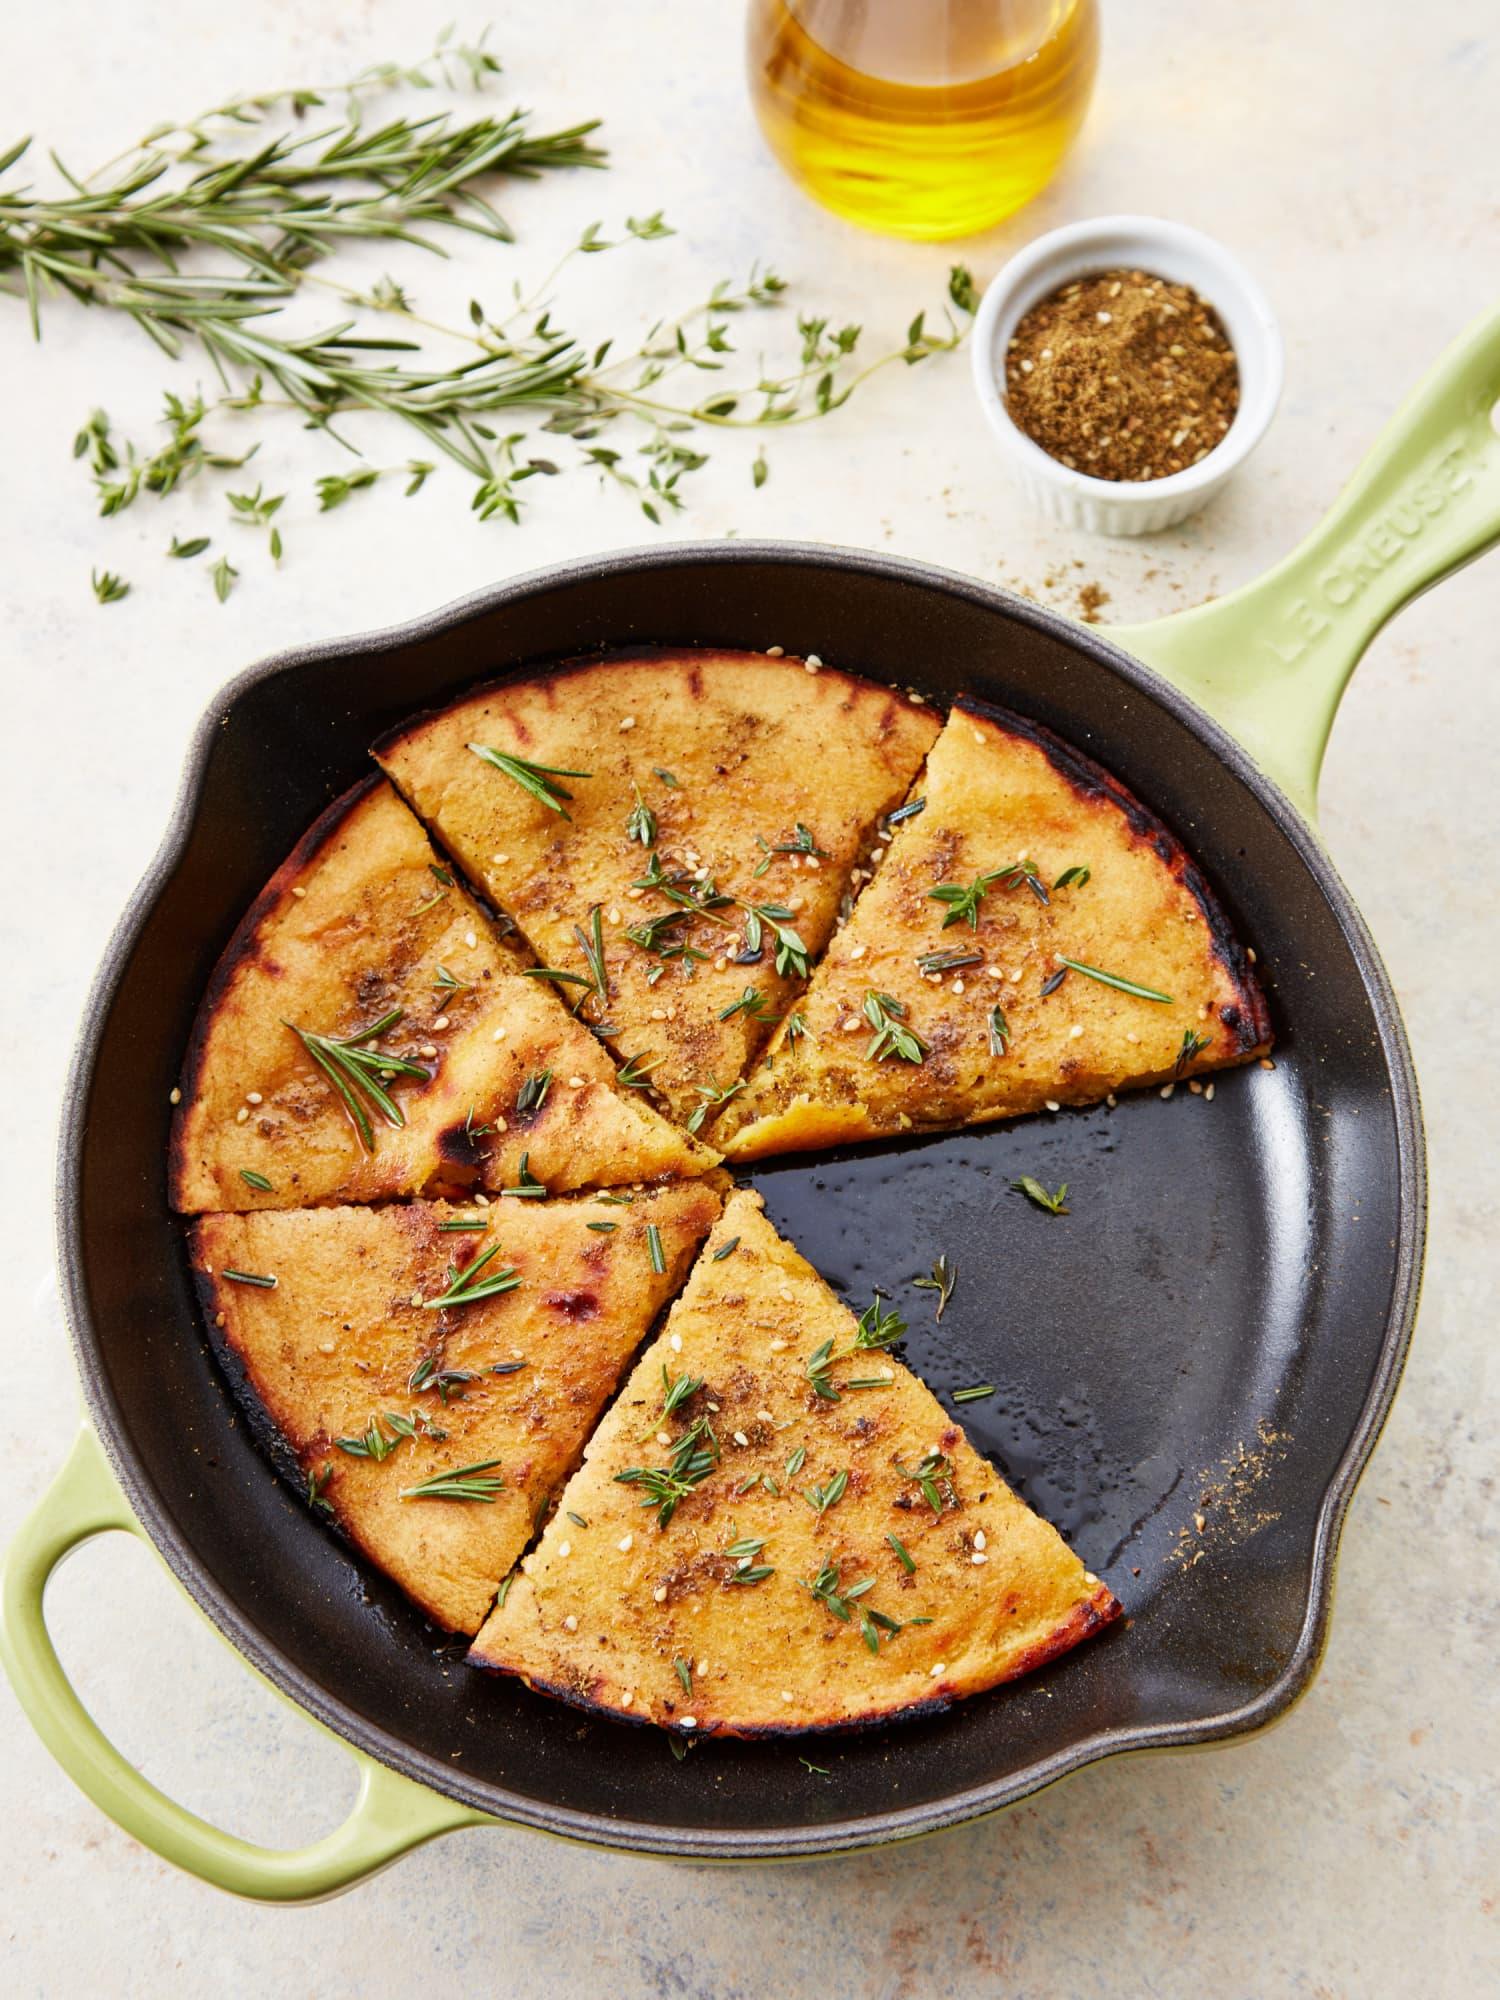 Socca - Gluten Free Chickpea Flour Flatbread Recipe | Kitchn  Garbanzo